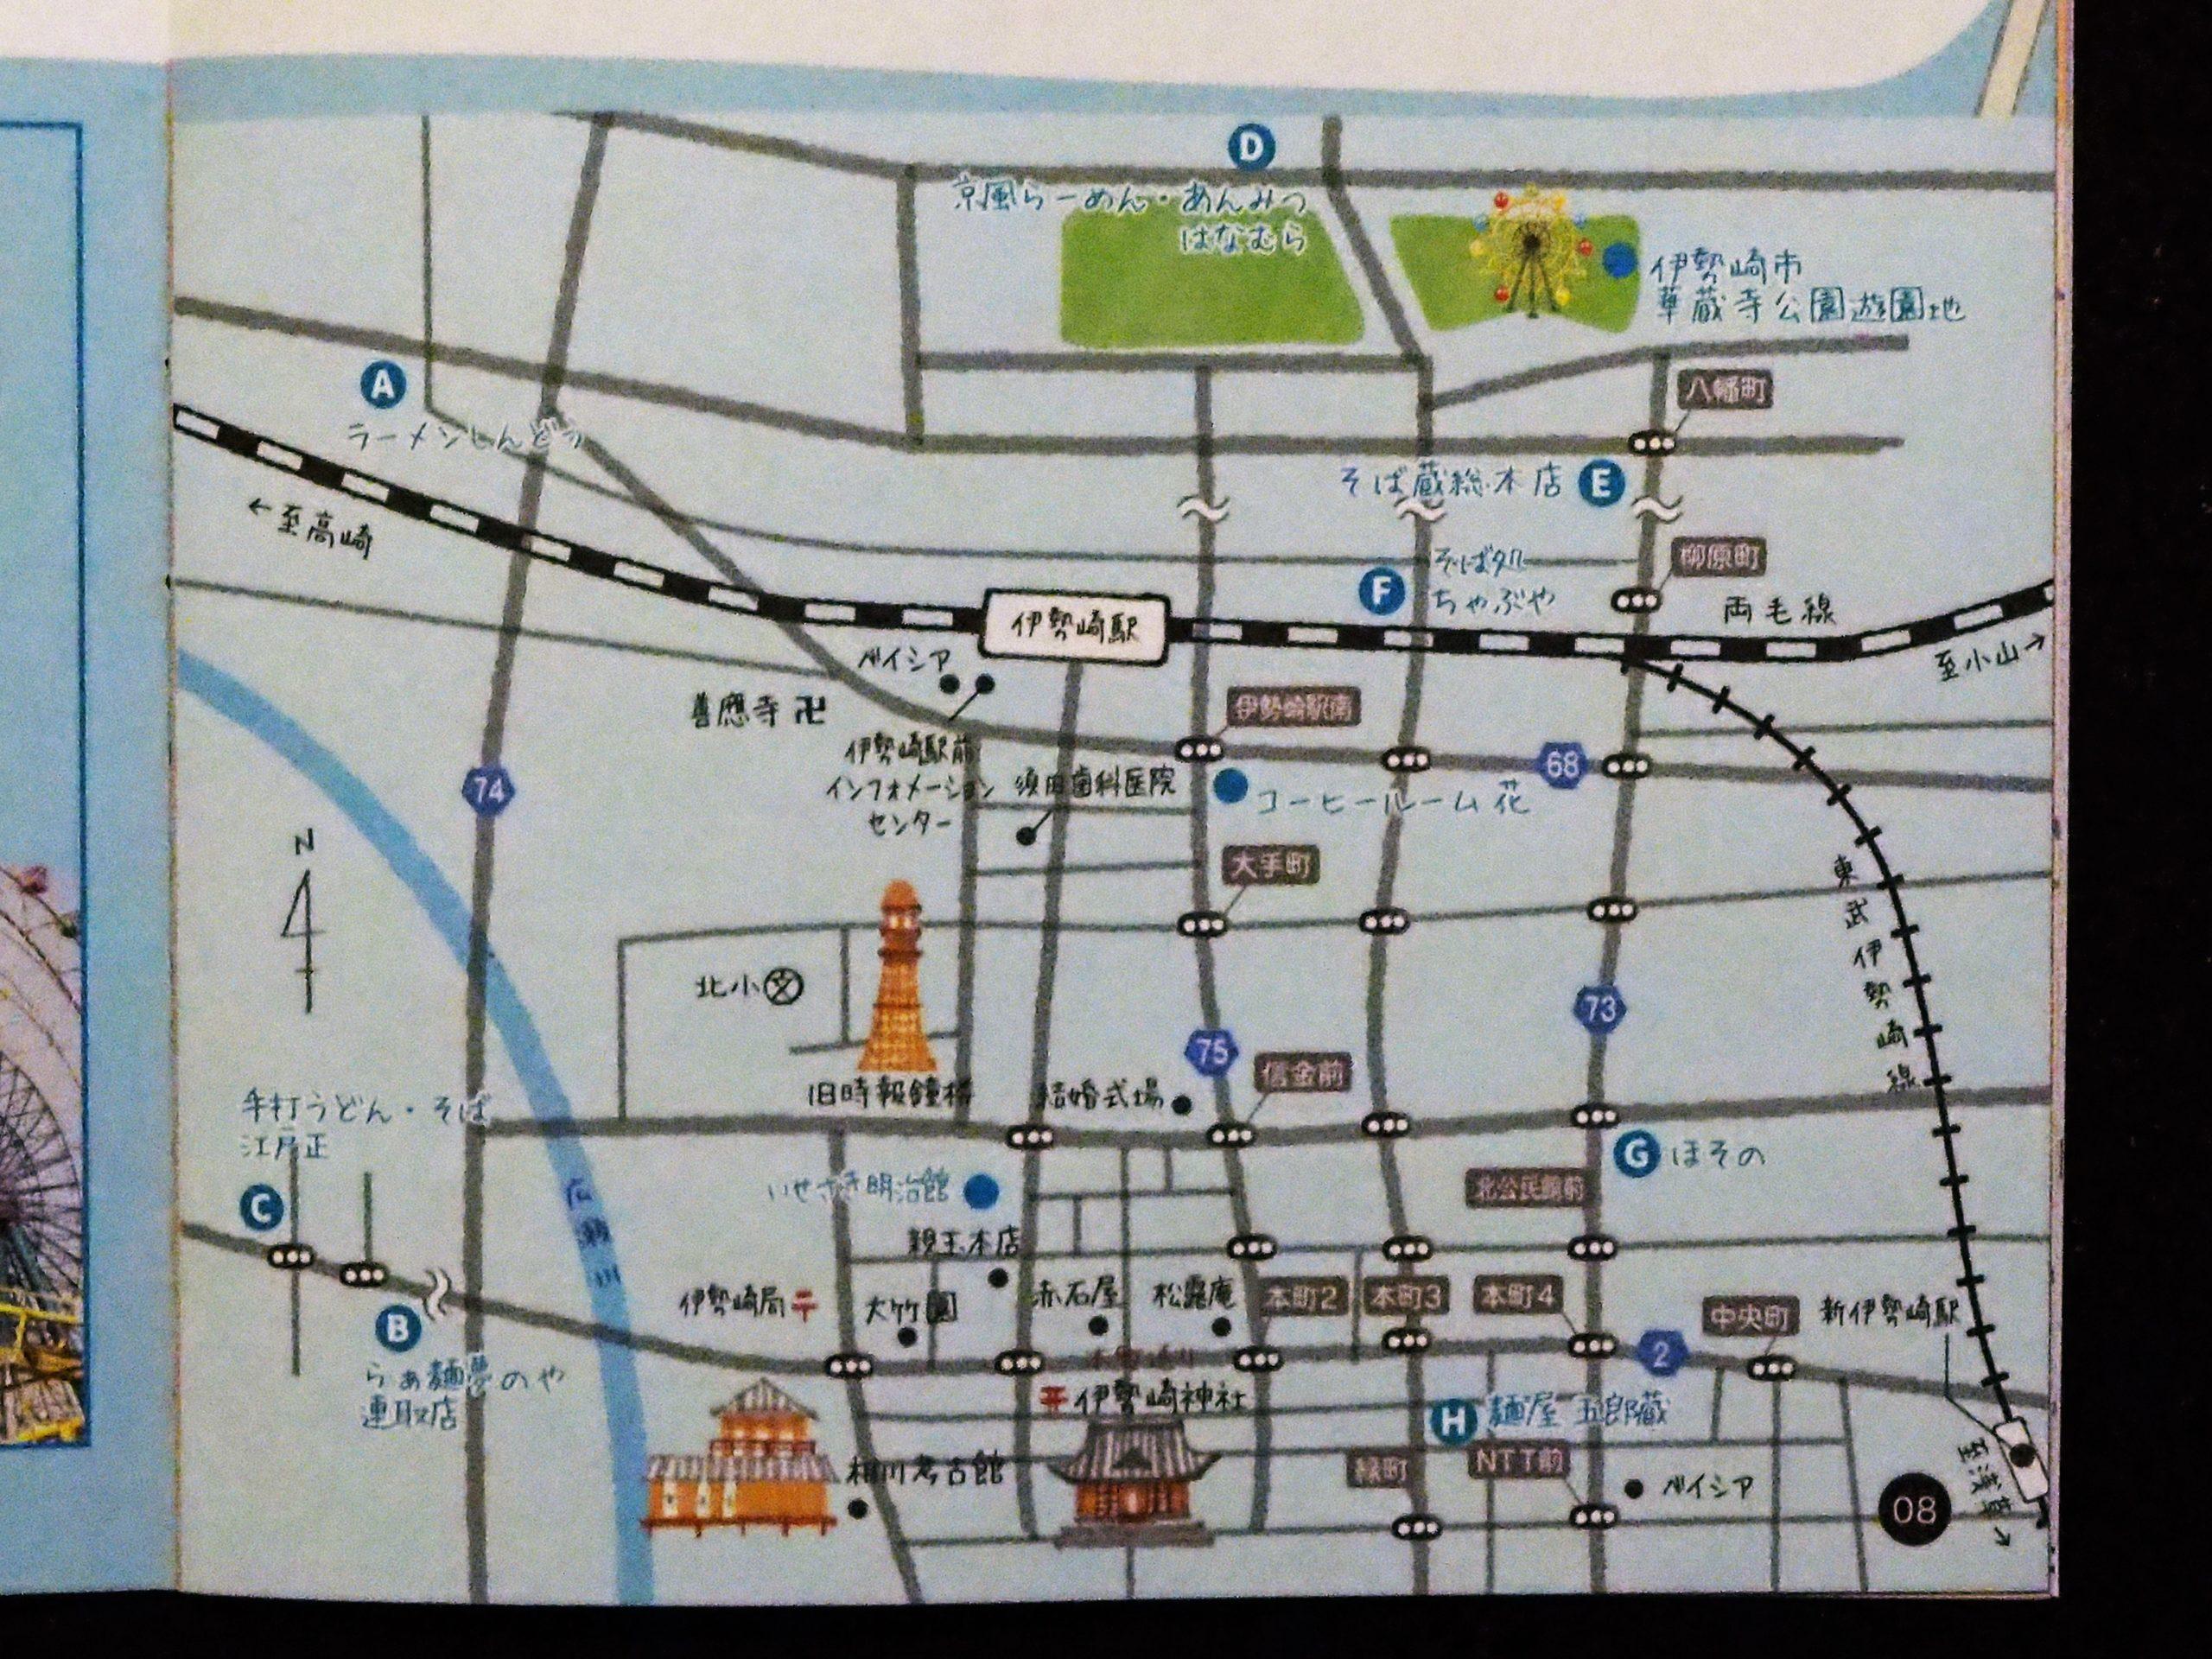 伊勢崎駅周辺 地図